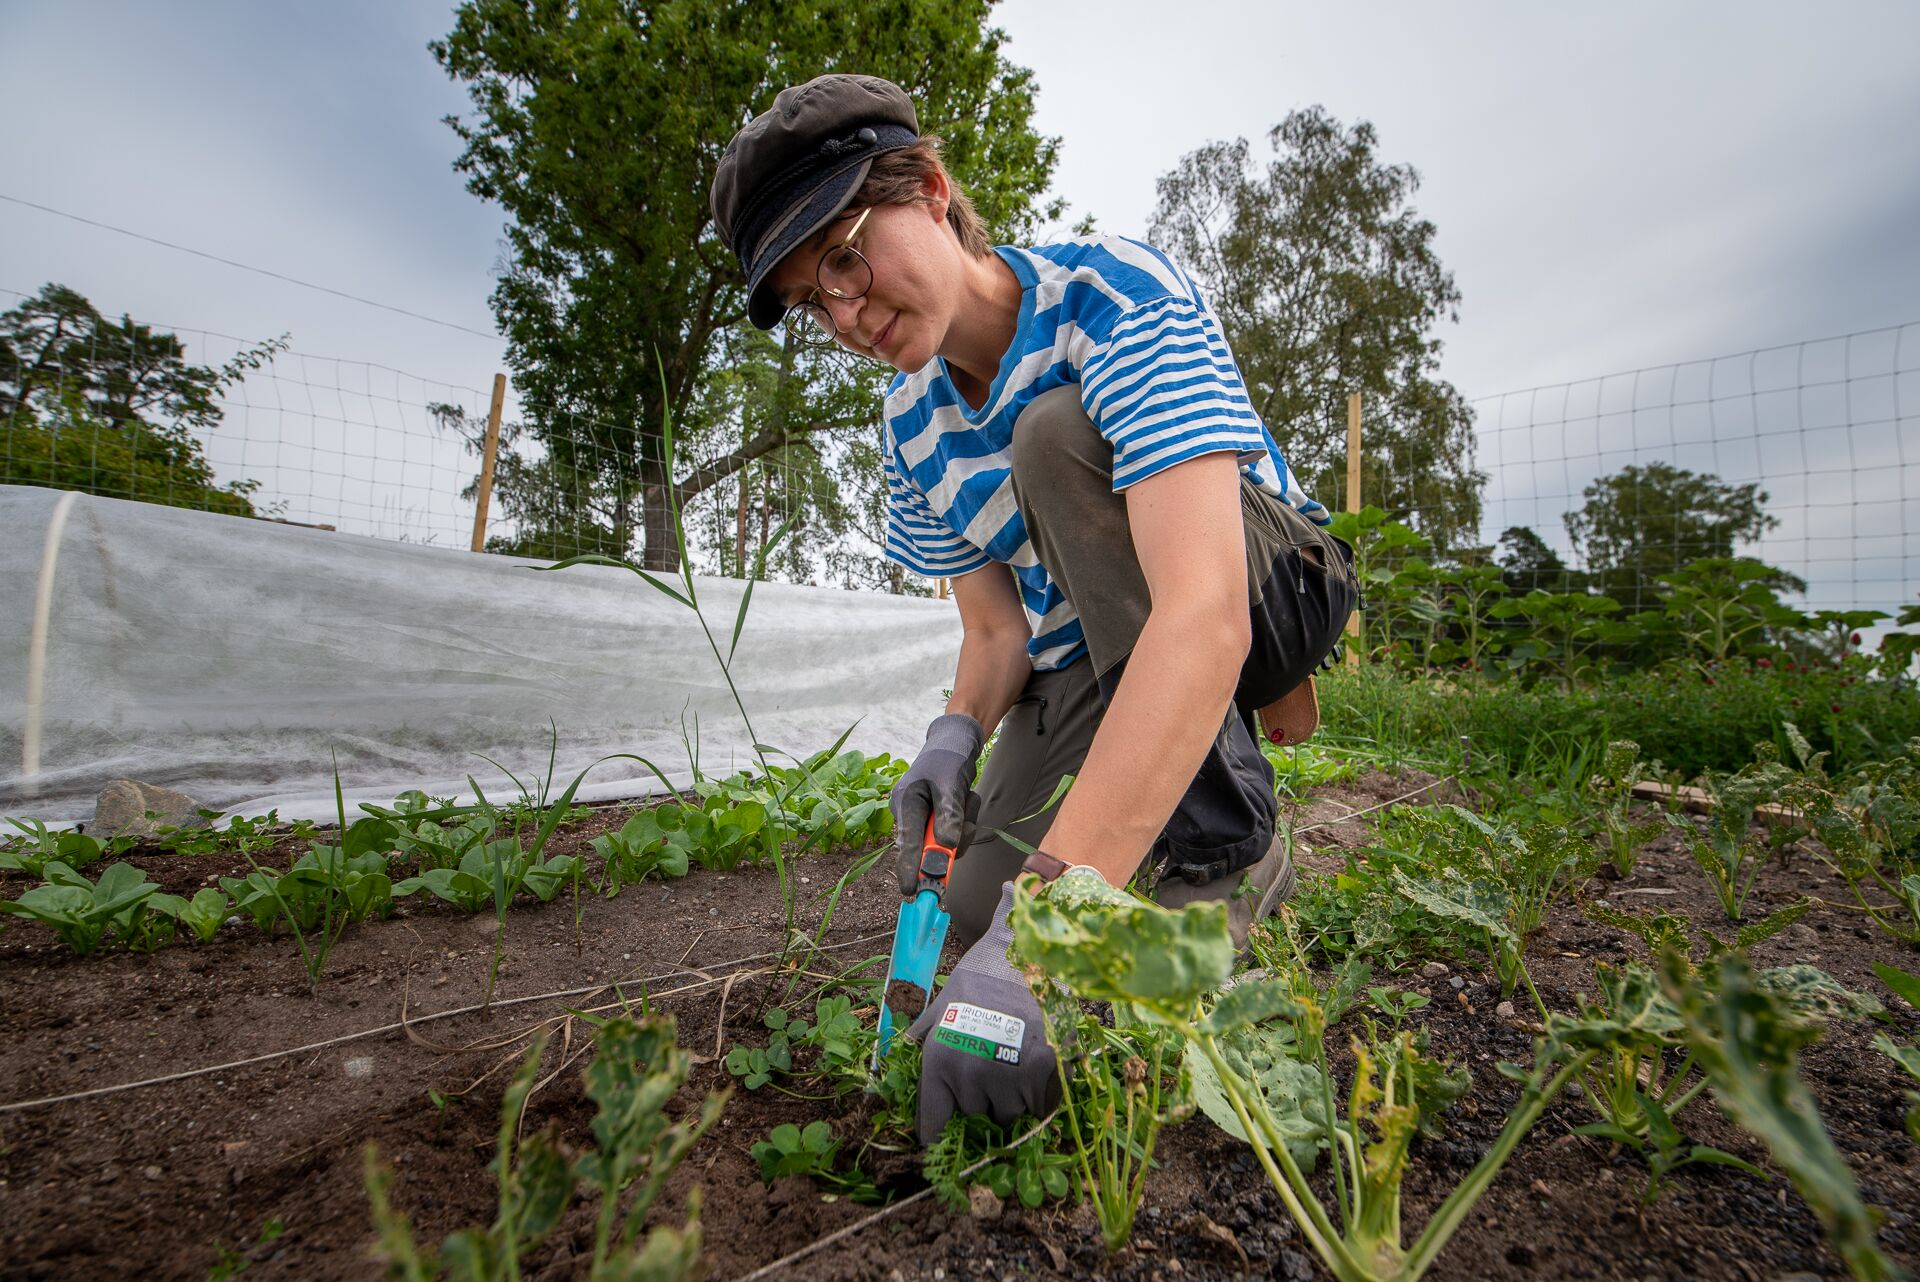 Gröna Udden vill skapa gemenskap kring maten